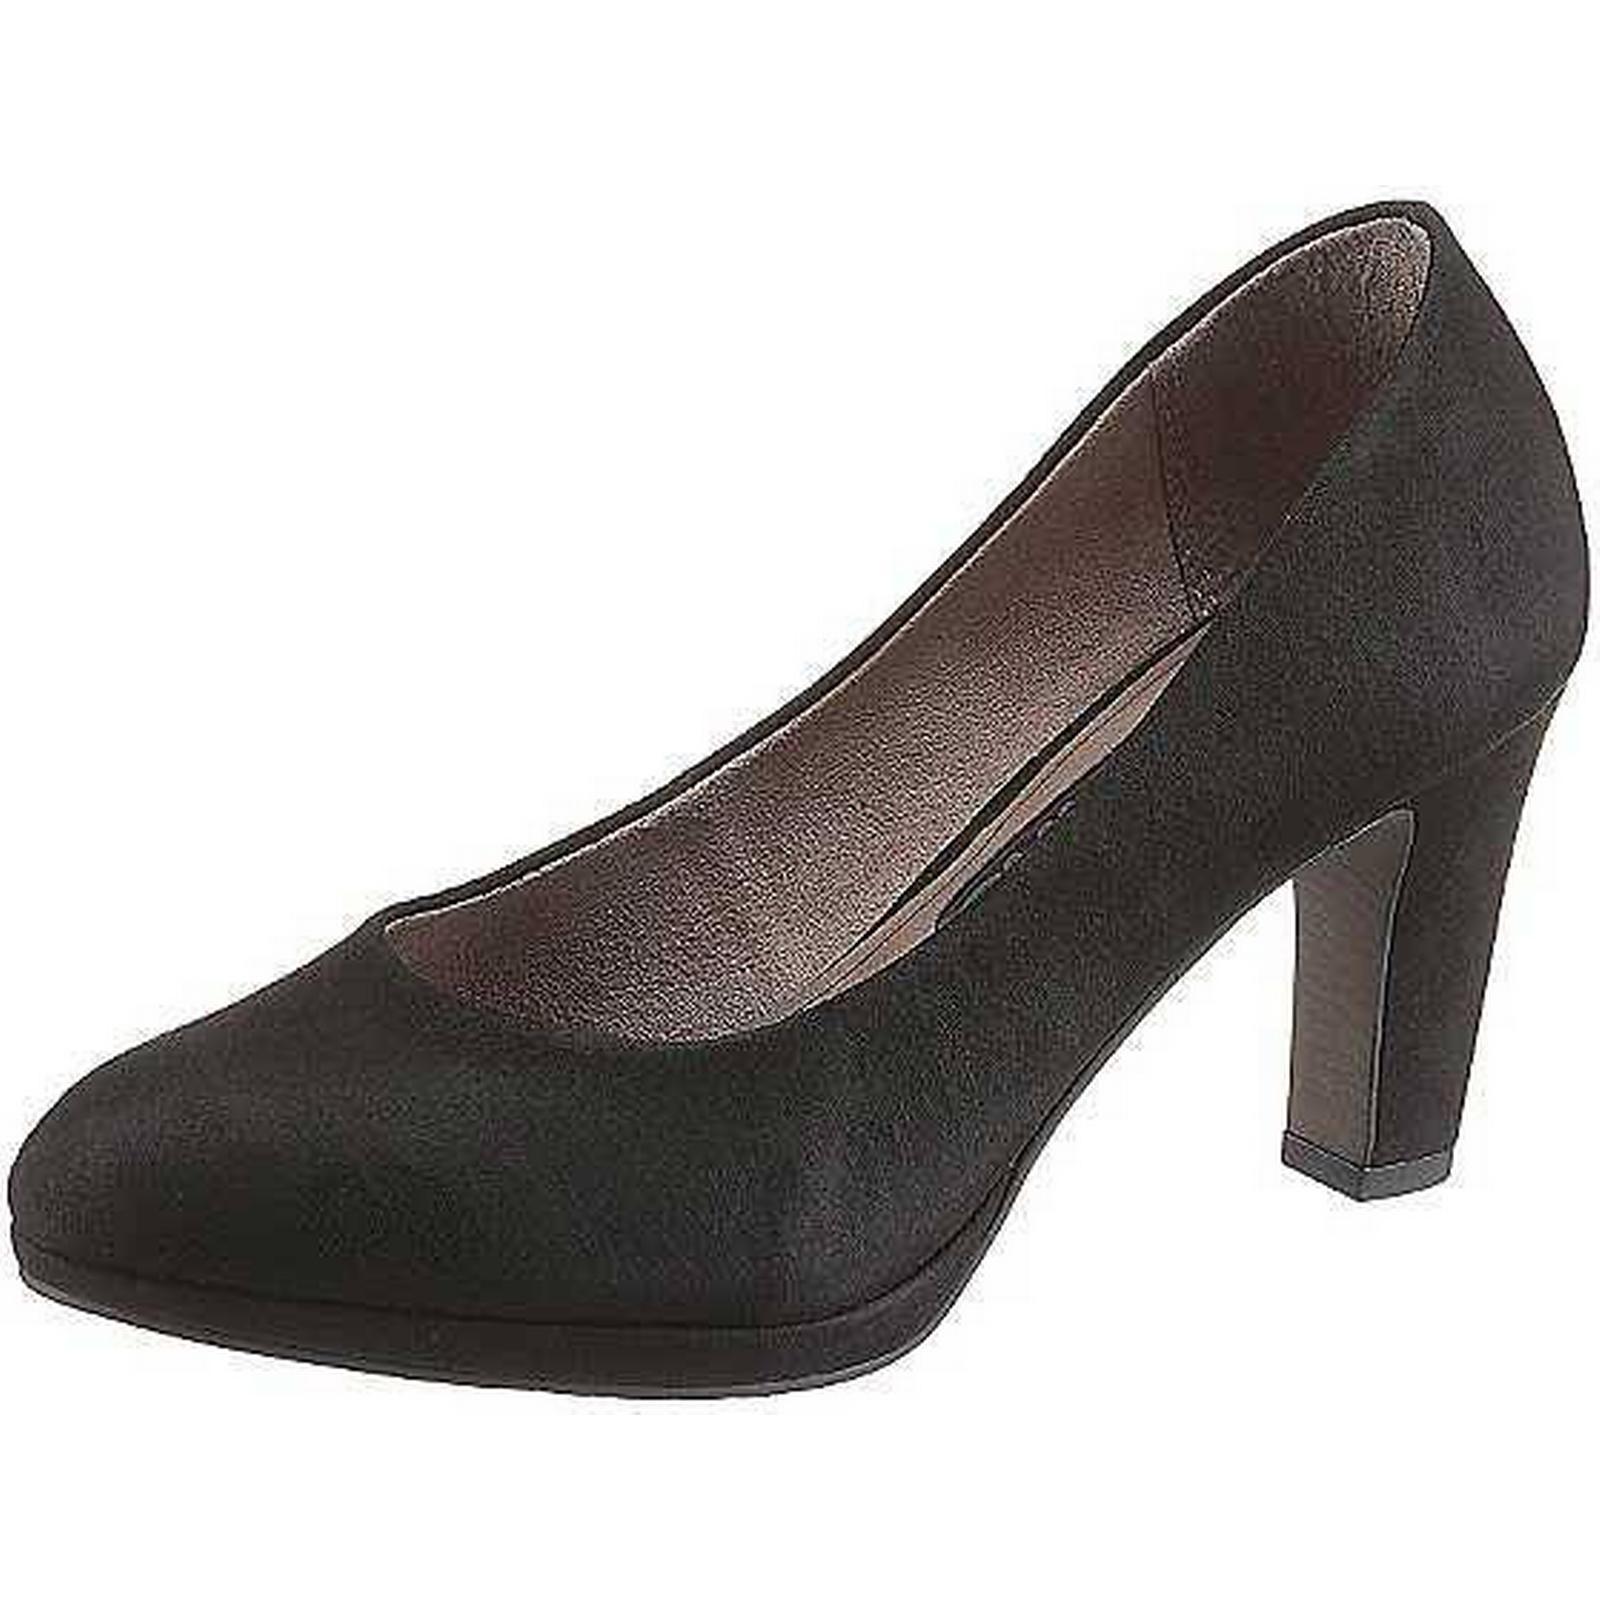 Tamaris Faux Suede Court Shoes reputation by Tamaris:Gentlemen/Ladies: Good global reputation Shoes 1d3d9a